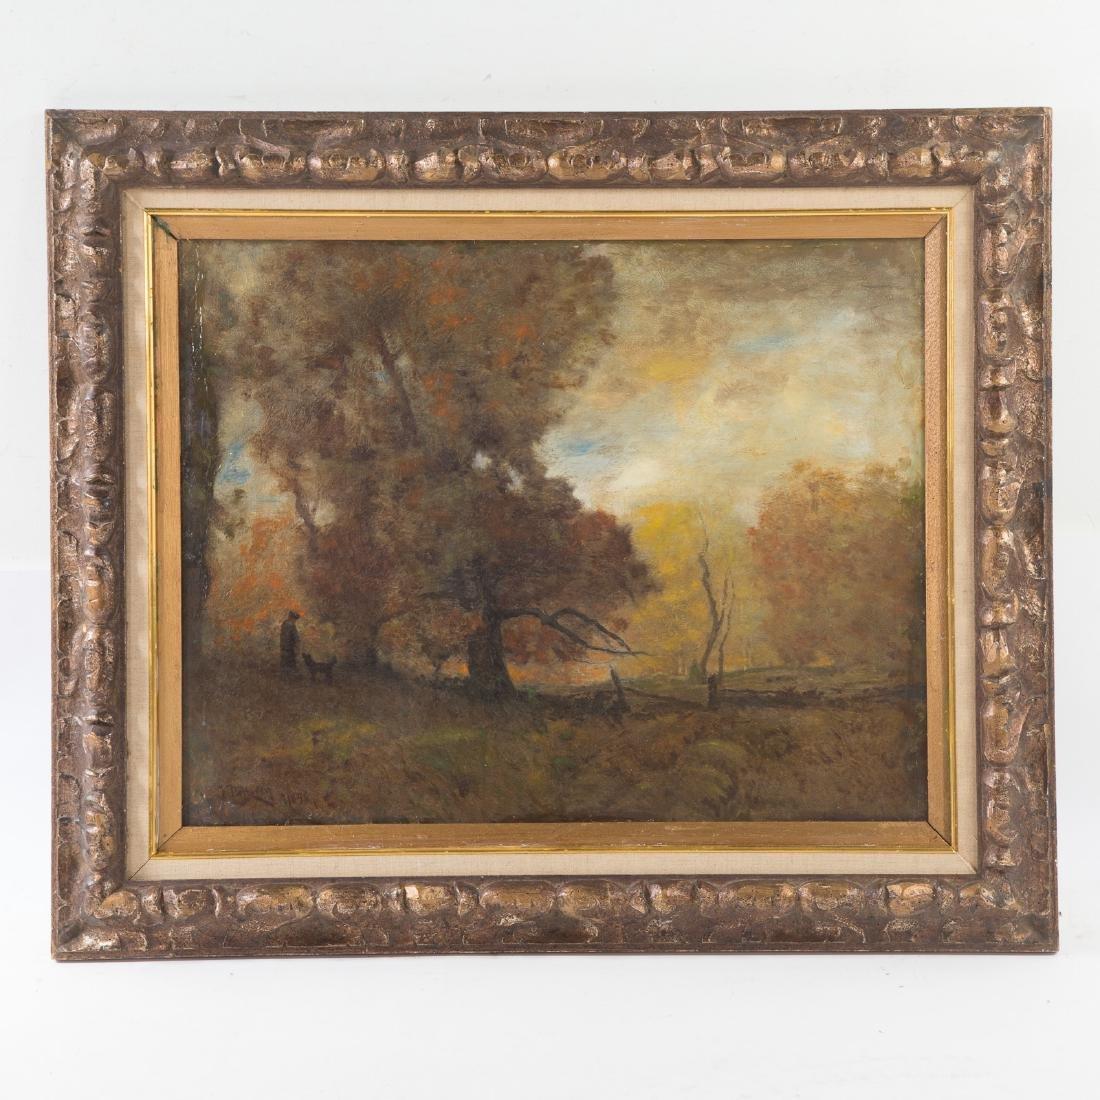 Franklin De Haven. Landscape, Oil on Canvas